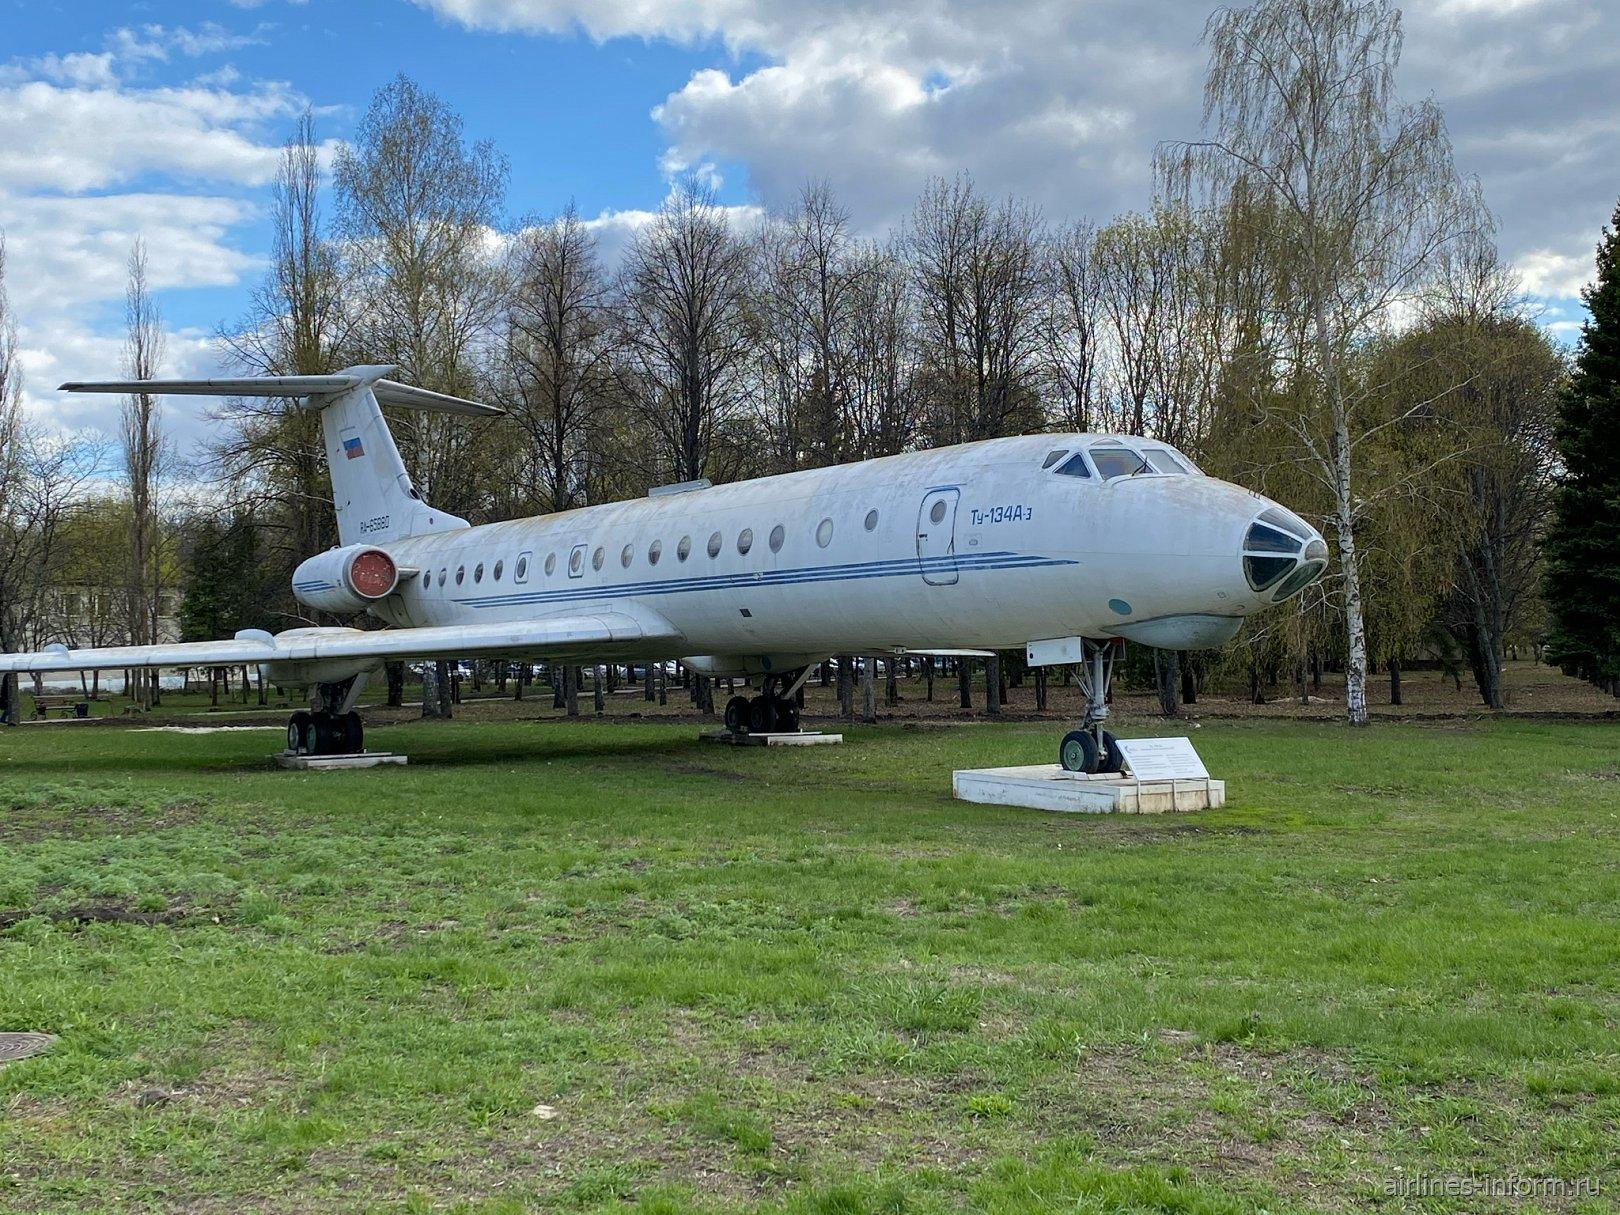 Самолет-памятник Ту-134А-3 в аэропорту Воронеж